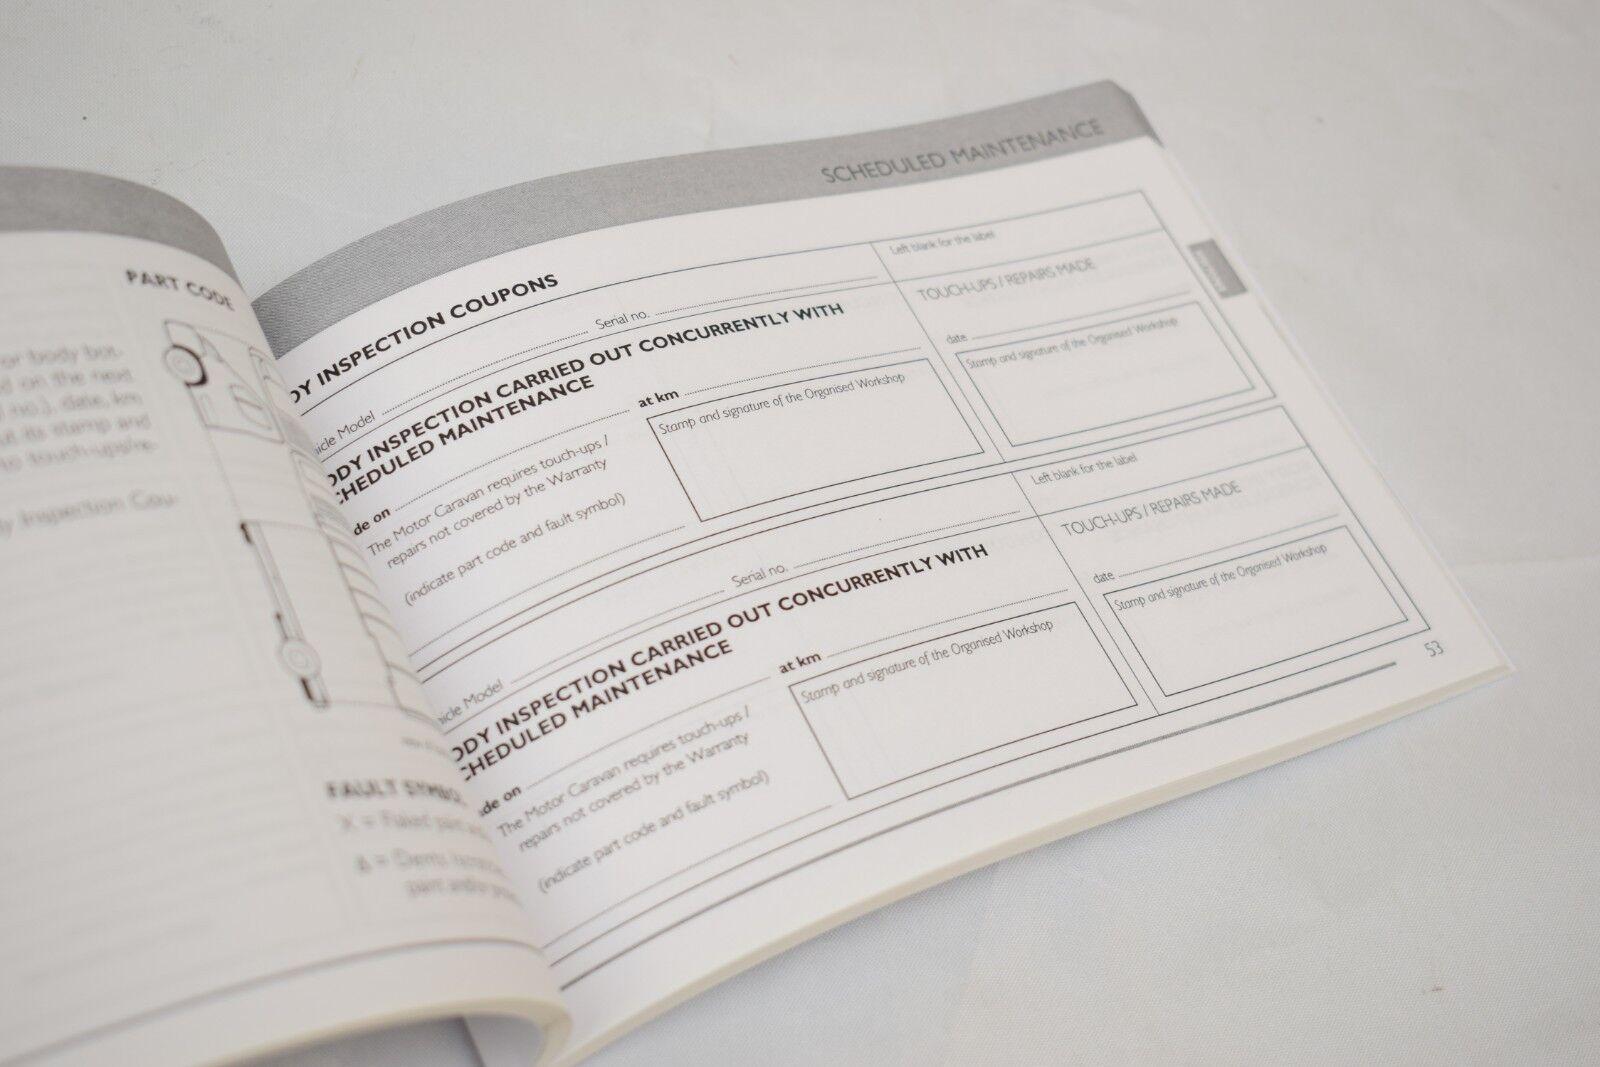 Fiat Ducato Camper Van Motor home Service Schedule Booklet New Genuine 60383218